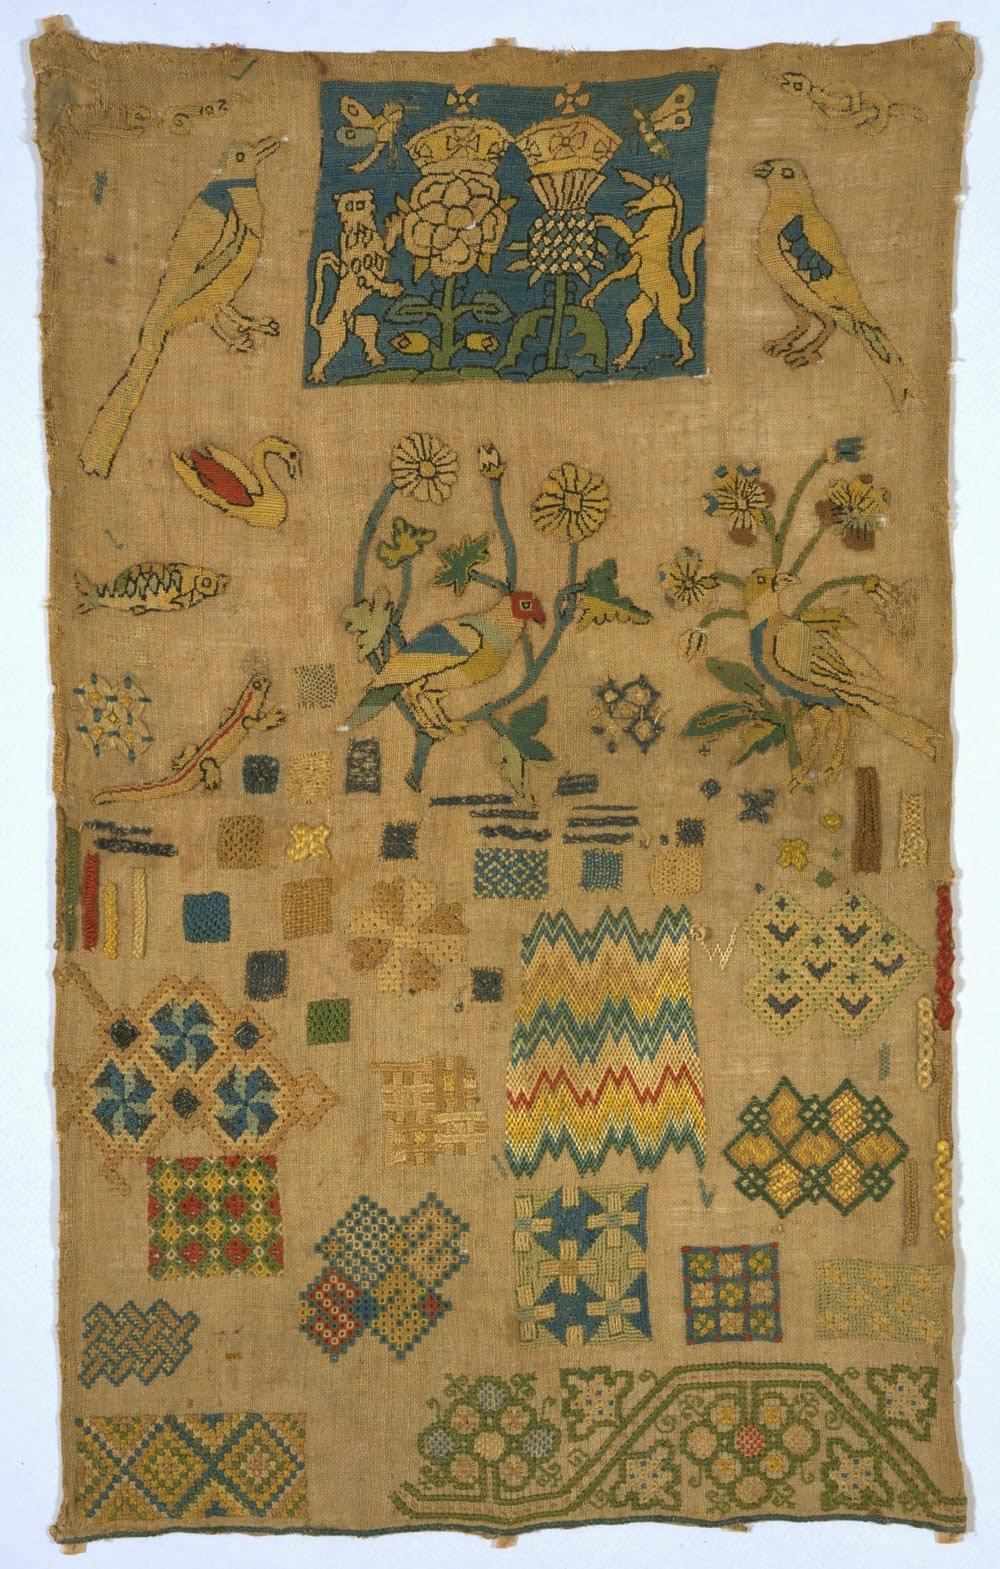 схемы для вышивки крестом египетская тематика